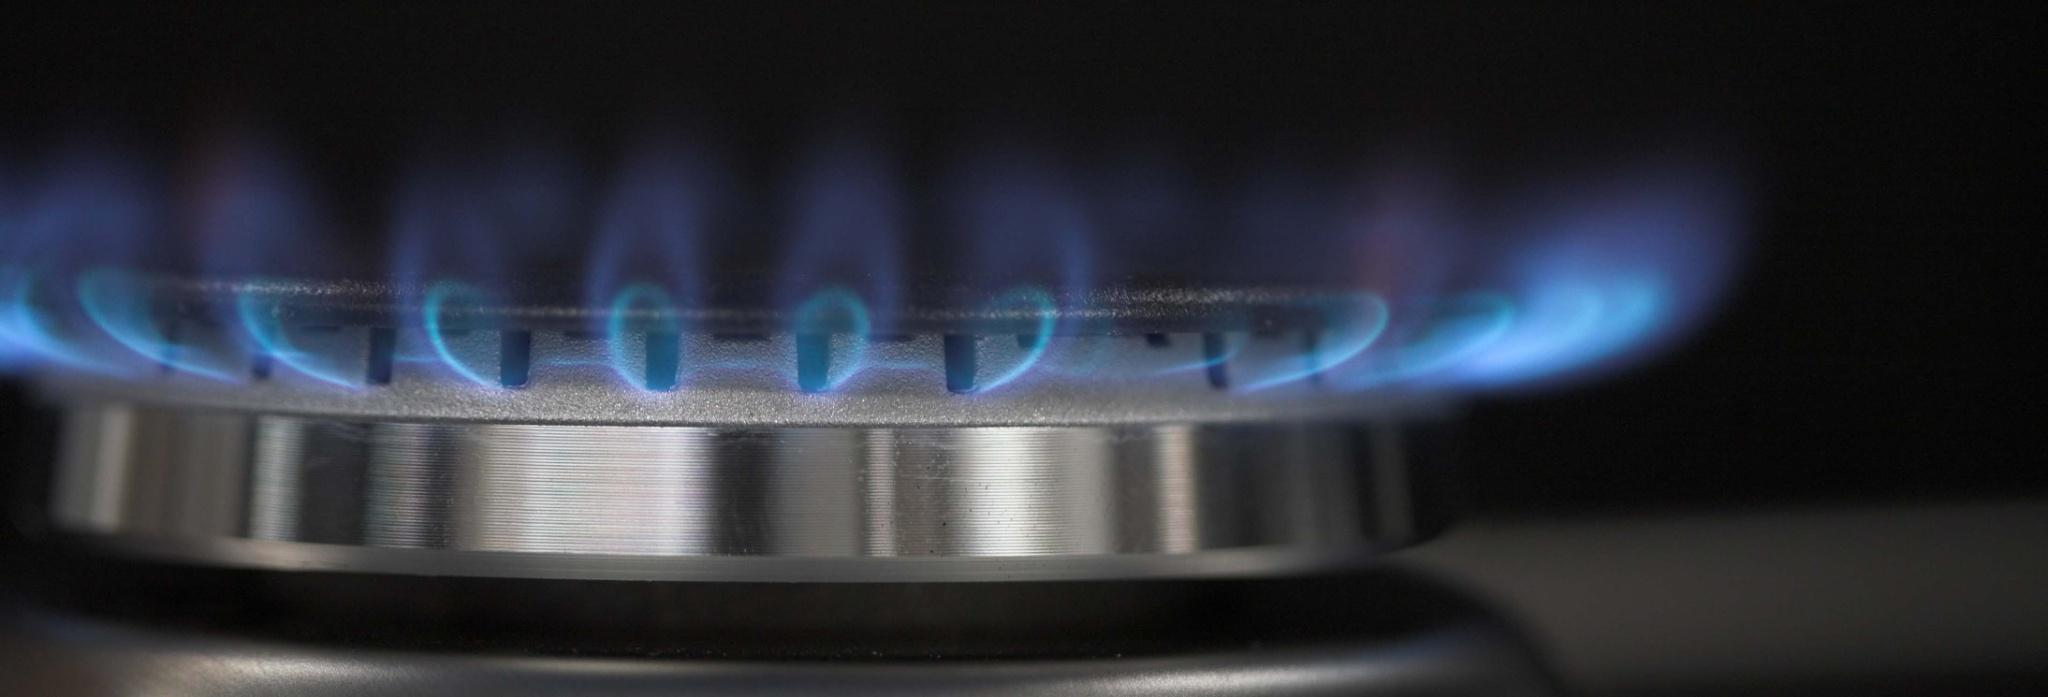 KURSUS: Gassikkerhedsloven og bekendtgørelserne - Aarhus